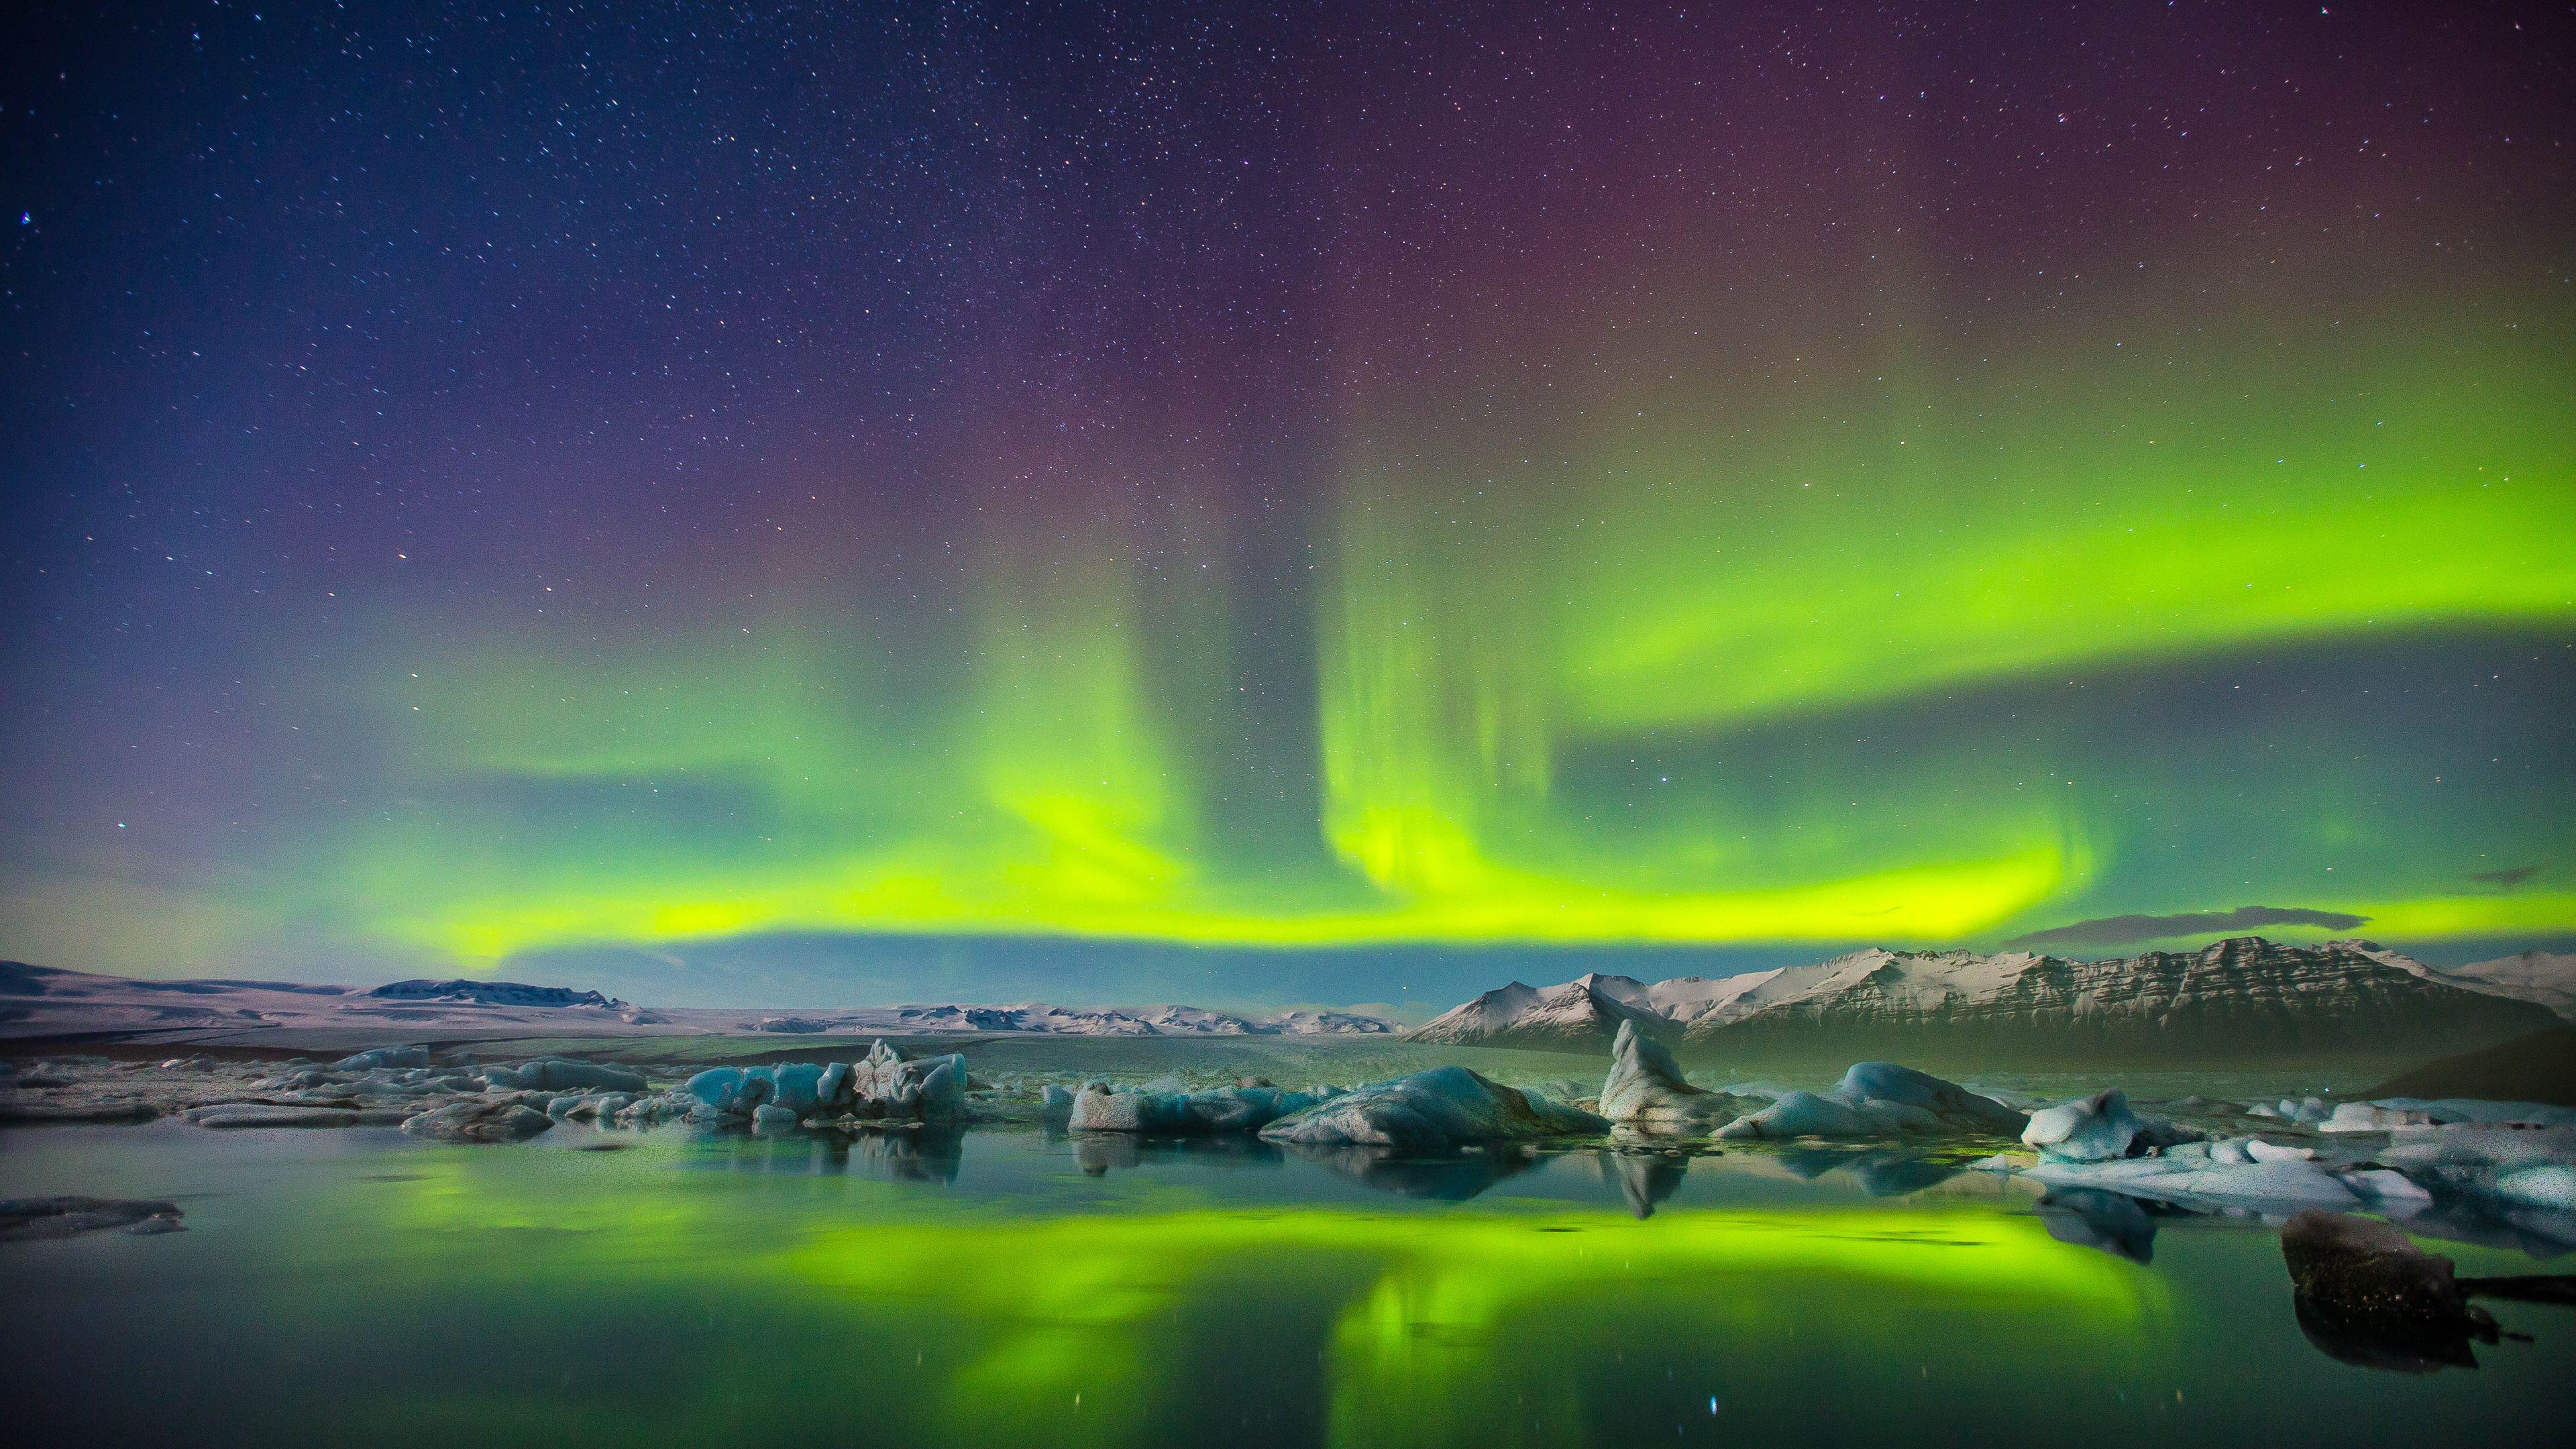 Aurora Borealis Night Snow 3840x2160